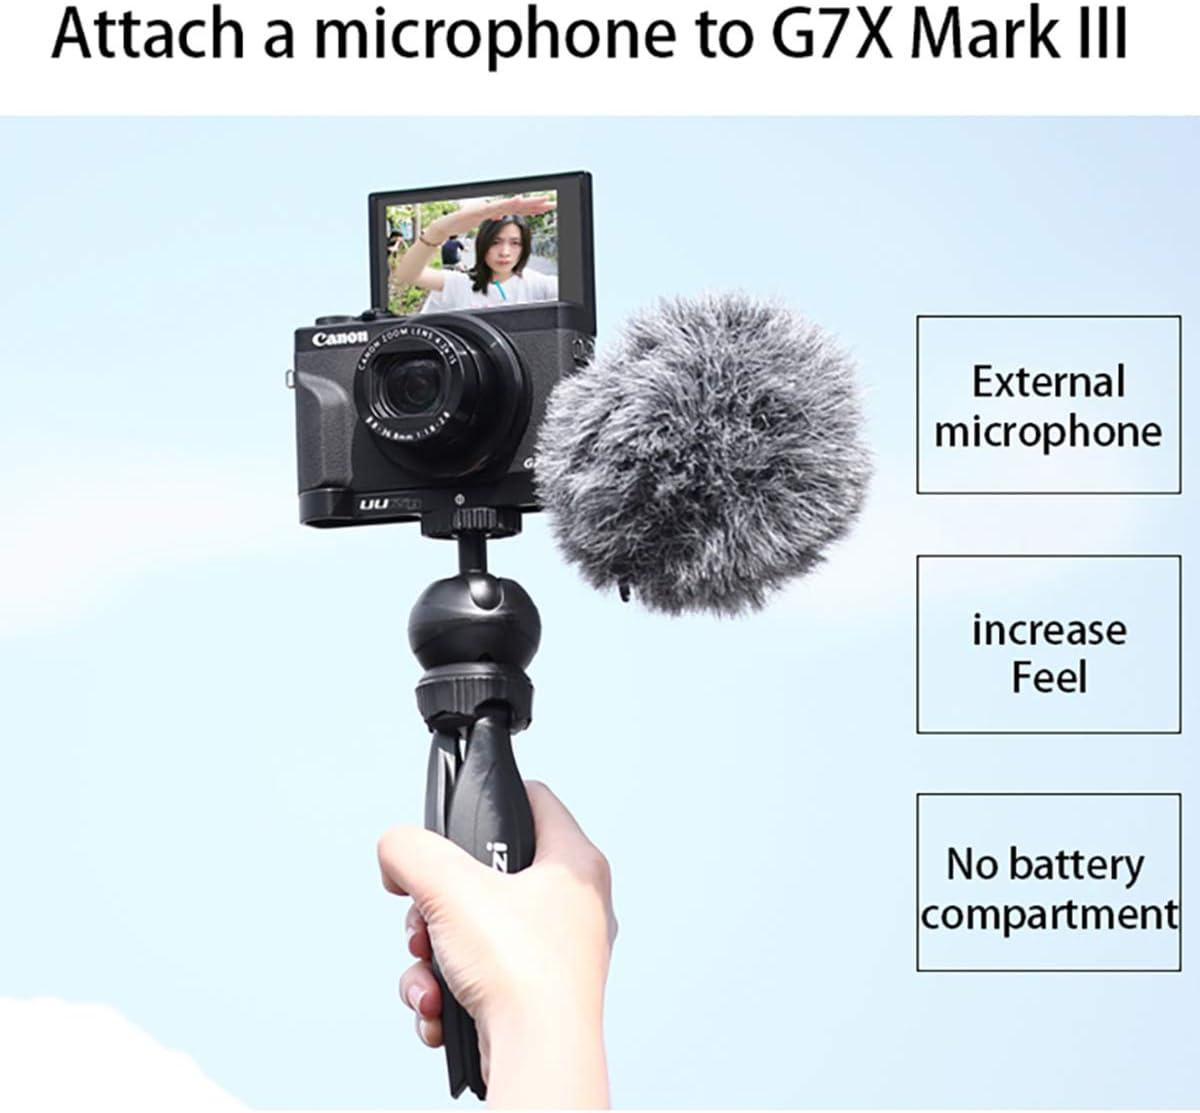 Soporte UURig C-G7X Mark III Vlog para c/ámara Canon Vlog G7X Mark III Agarre c/ómodo de Mano con micr/ófono//Soporte de extensi/ón de Zapata fr/ía con luz LED Cabezal de tr/ípode